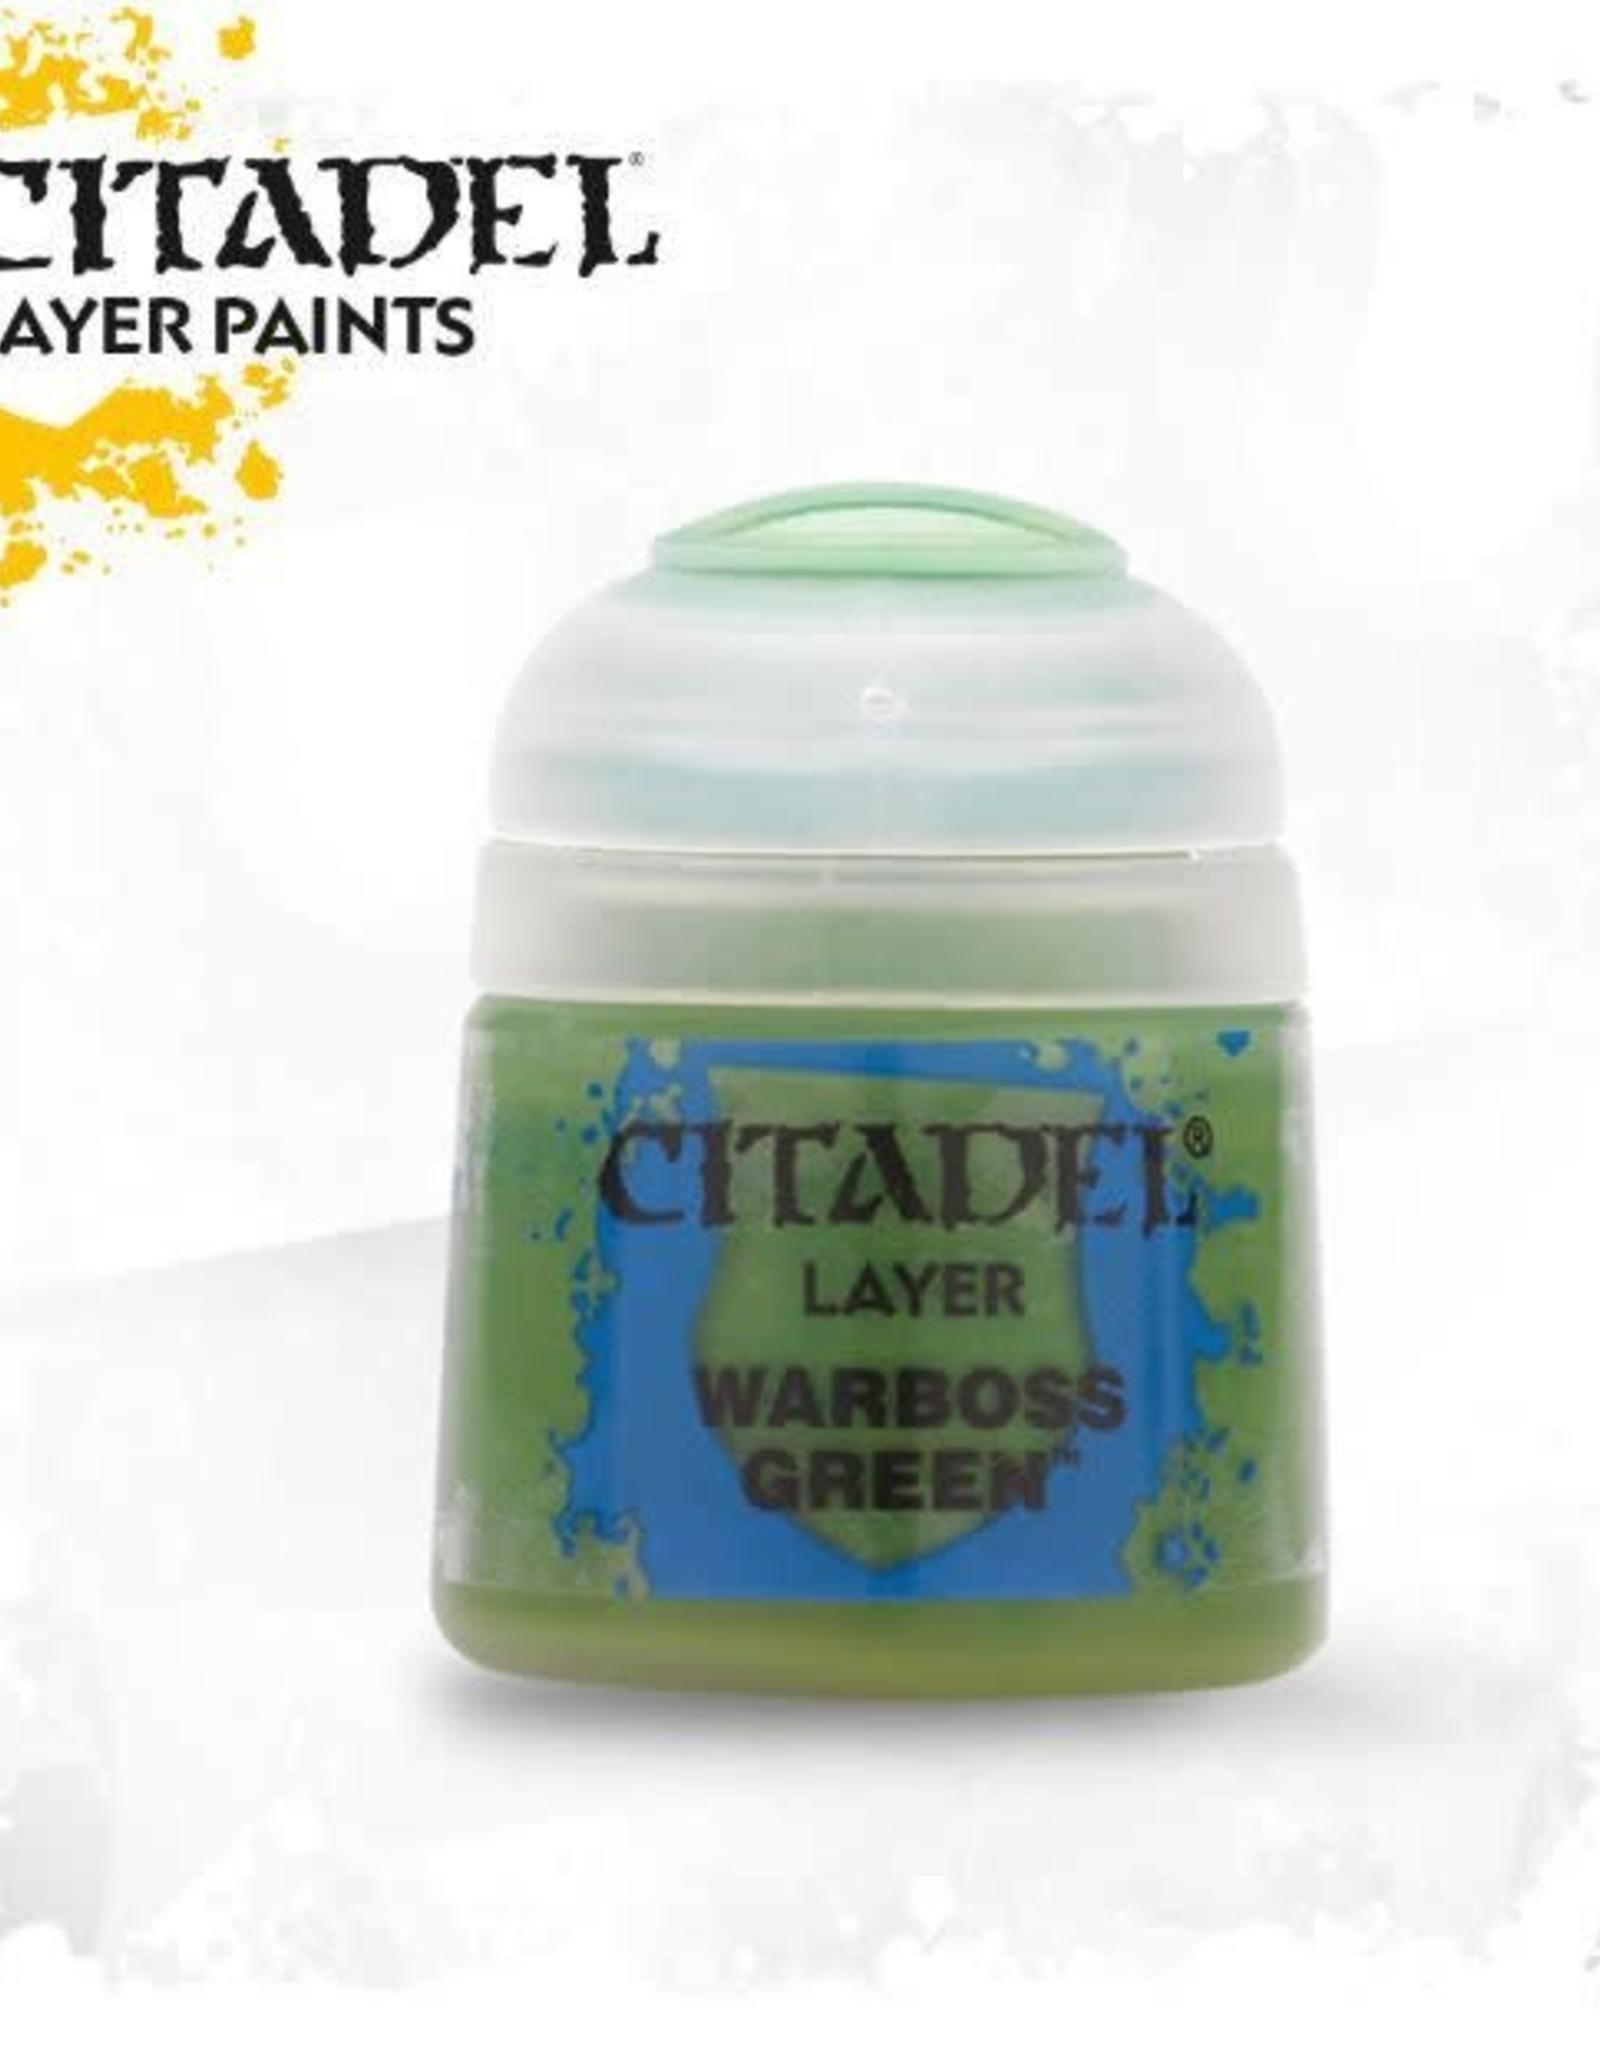 Games Workshop Citadel Paint: Layer - Warboss Green